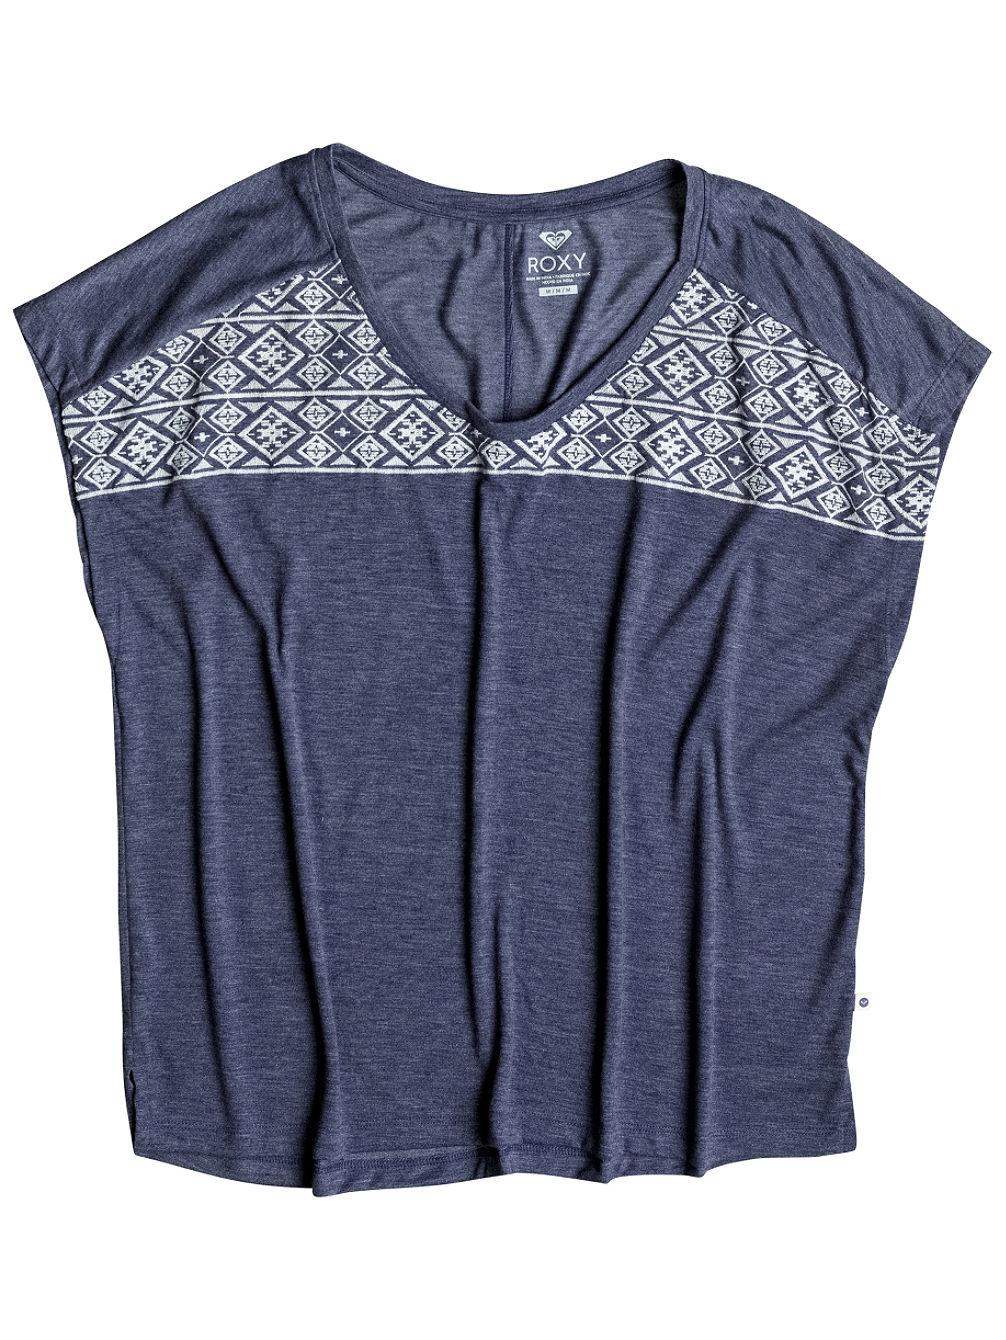 roxy-fashion-dolman-fashion-geo-tank-top